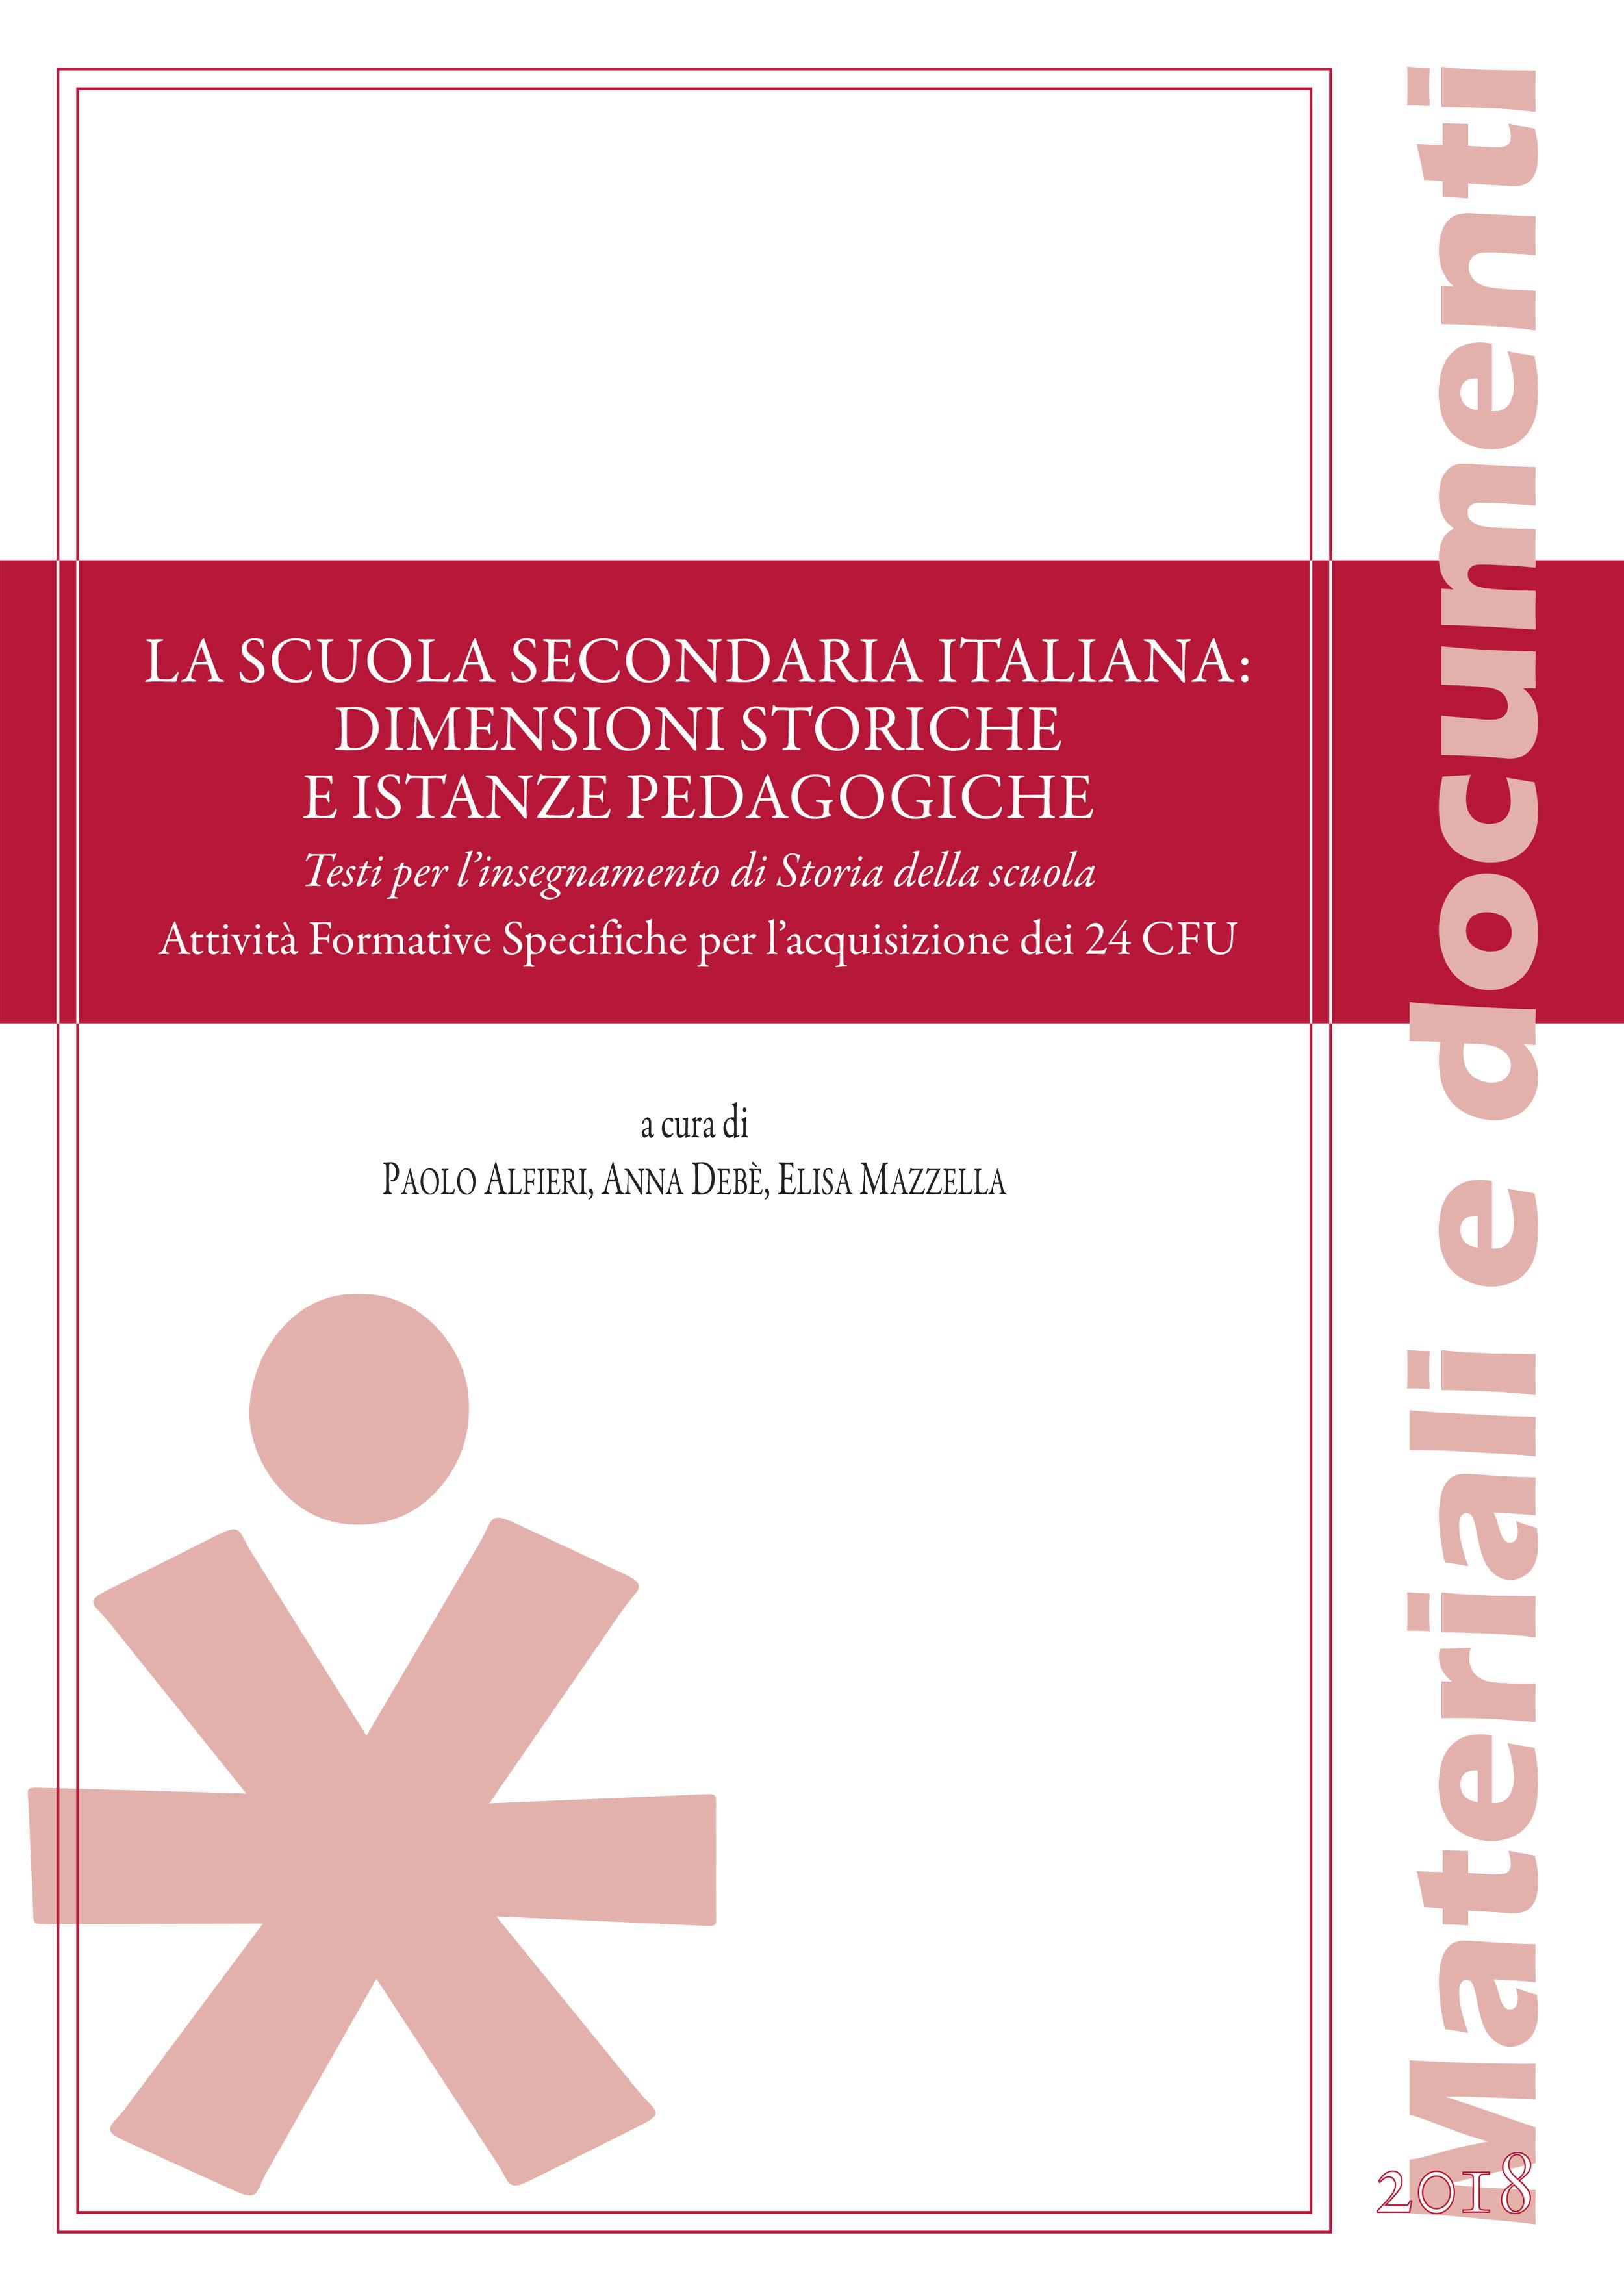 LA SCUOLA SECONDARIA ITALIANA: DIMENSIONI STORICHE E ISTANZE PEDAGOGICHE. TESTI PER L'INSEGNAMENTO